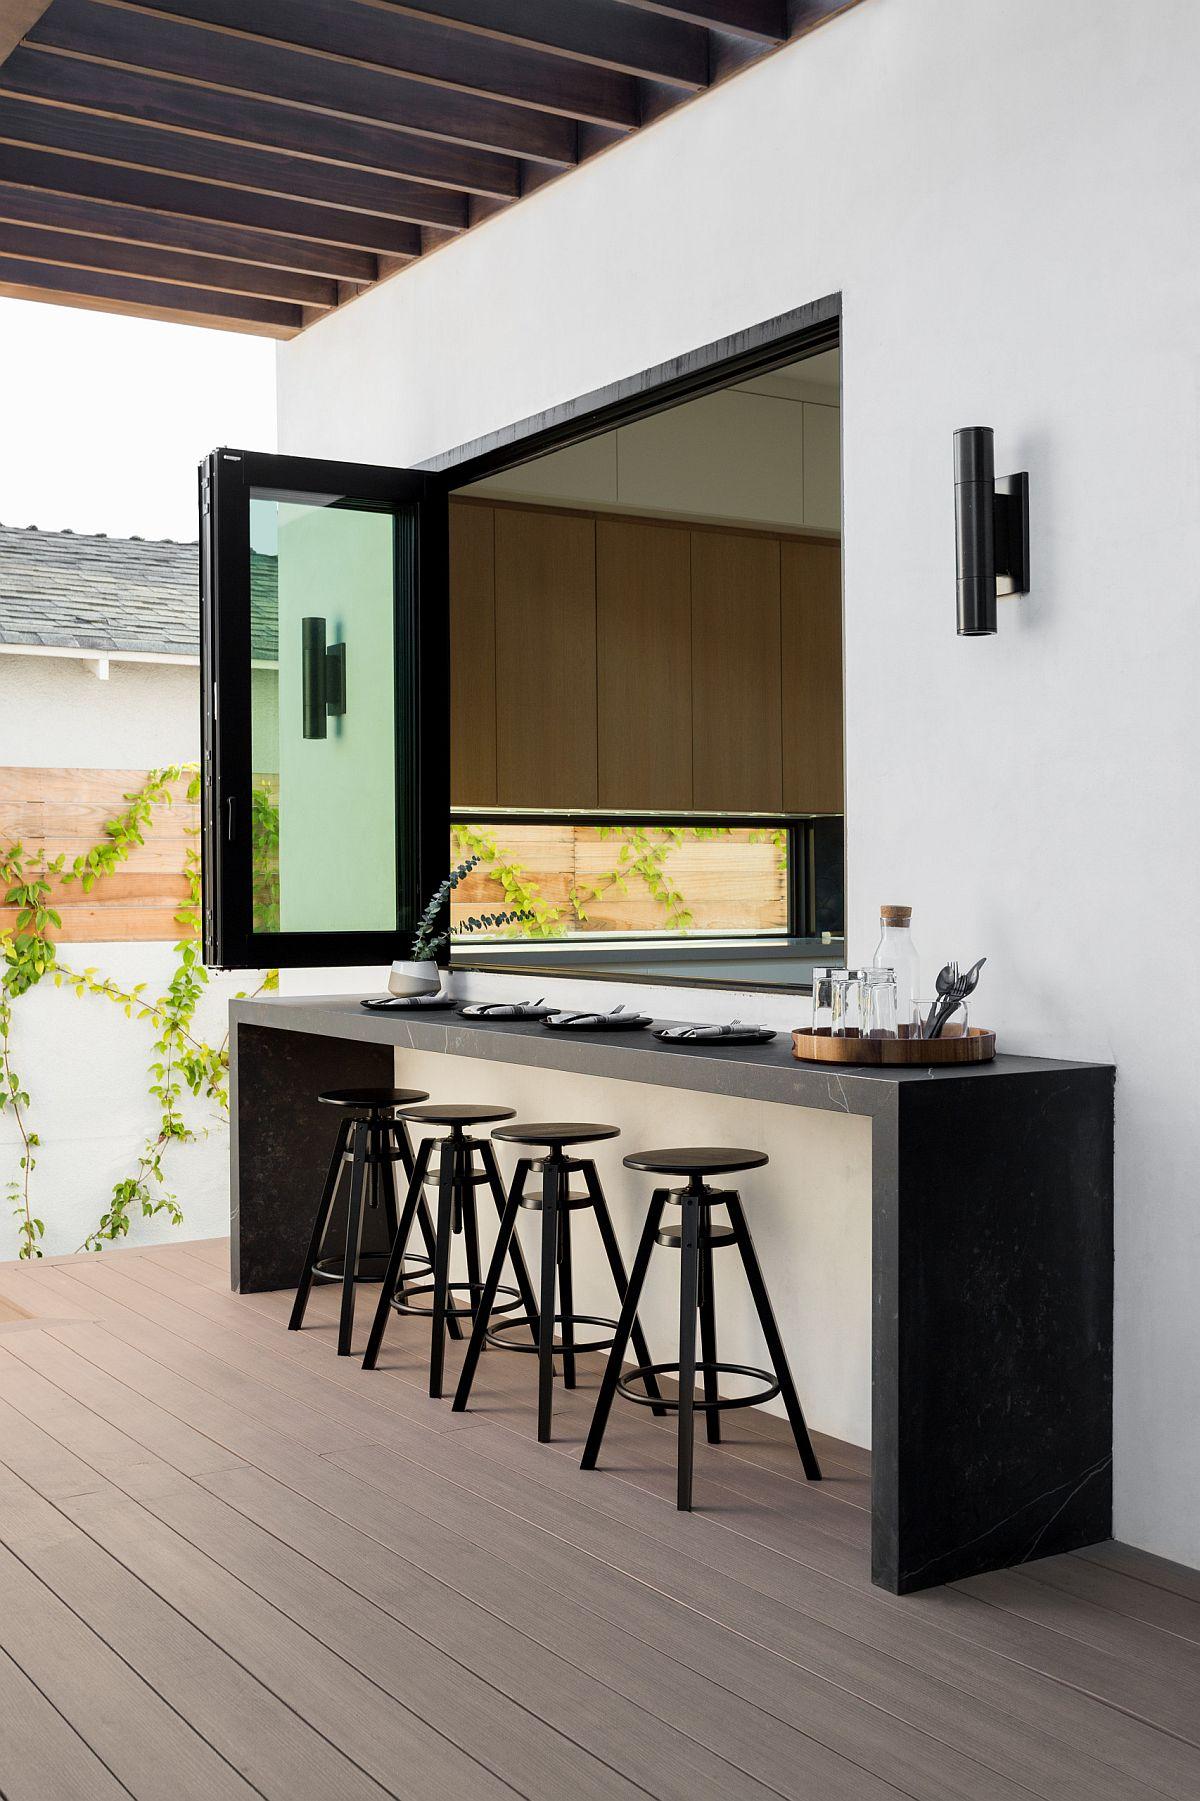 La fenêtre relie la cuisine à l'intérieur de la maison relie la maison à la cuisine extérieure